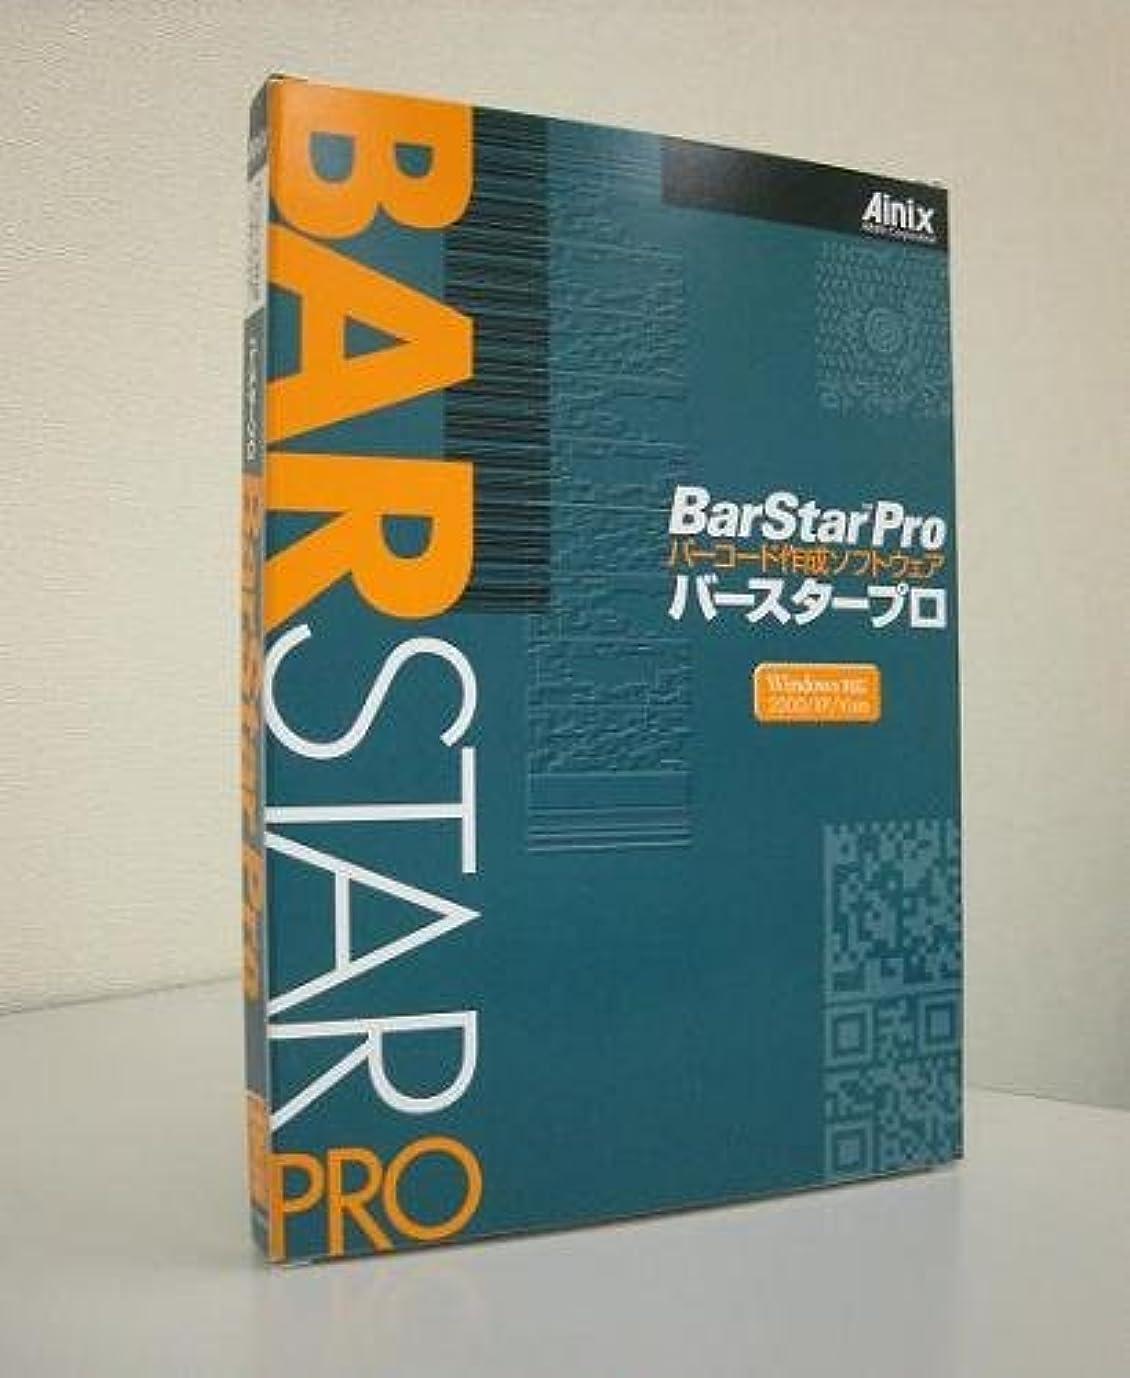 不愉快首謀者抜け目のないバーコード作成ソフトウェア BarStar Pro V2.0保守パック BPW200JA-SP3